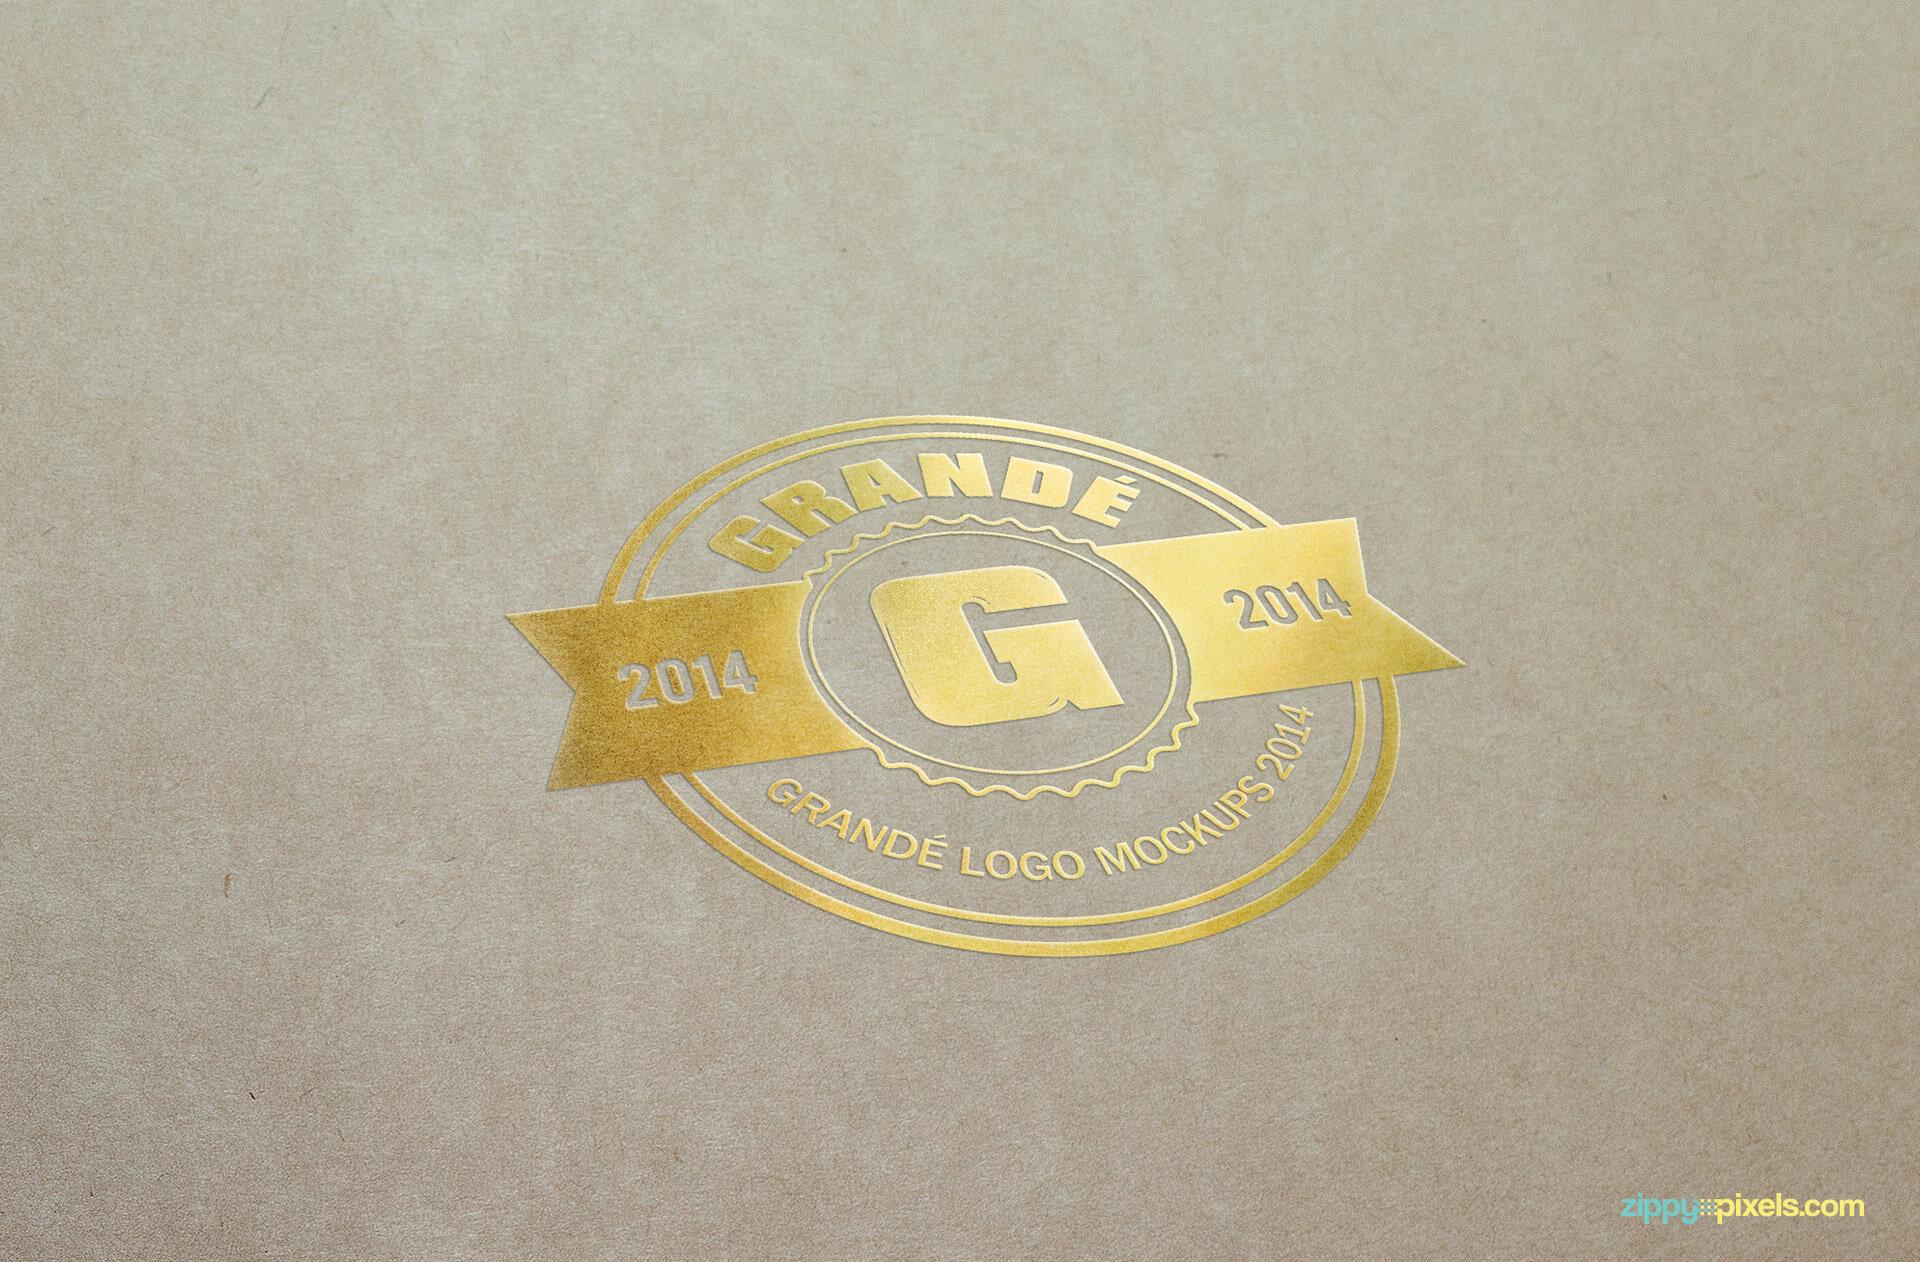 Mockup of Gold Foil Logo Print on Paper